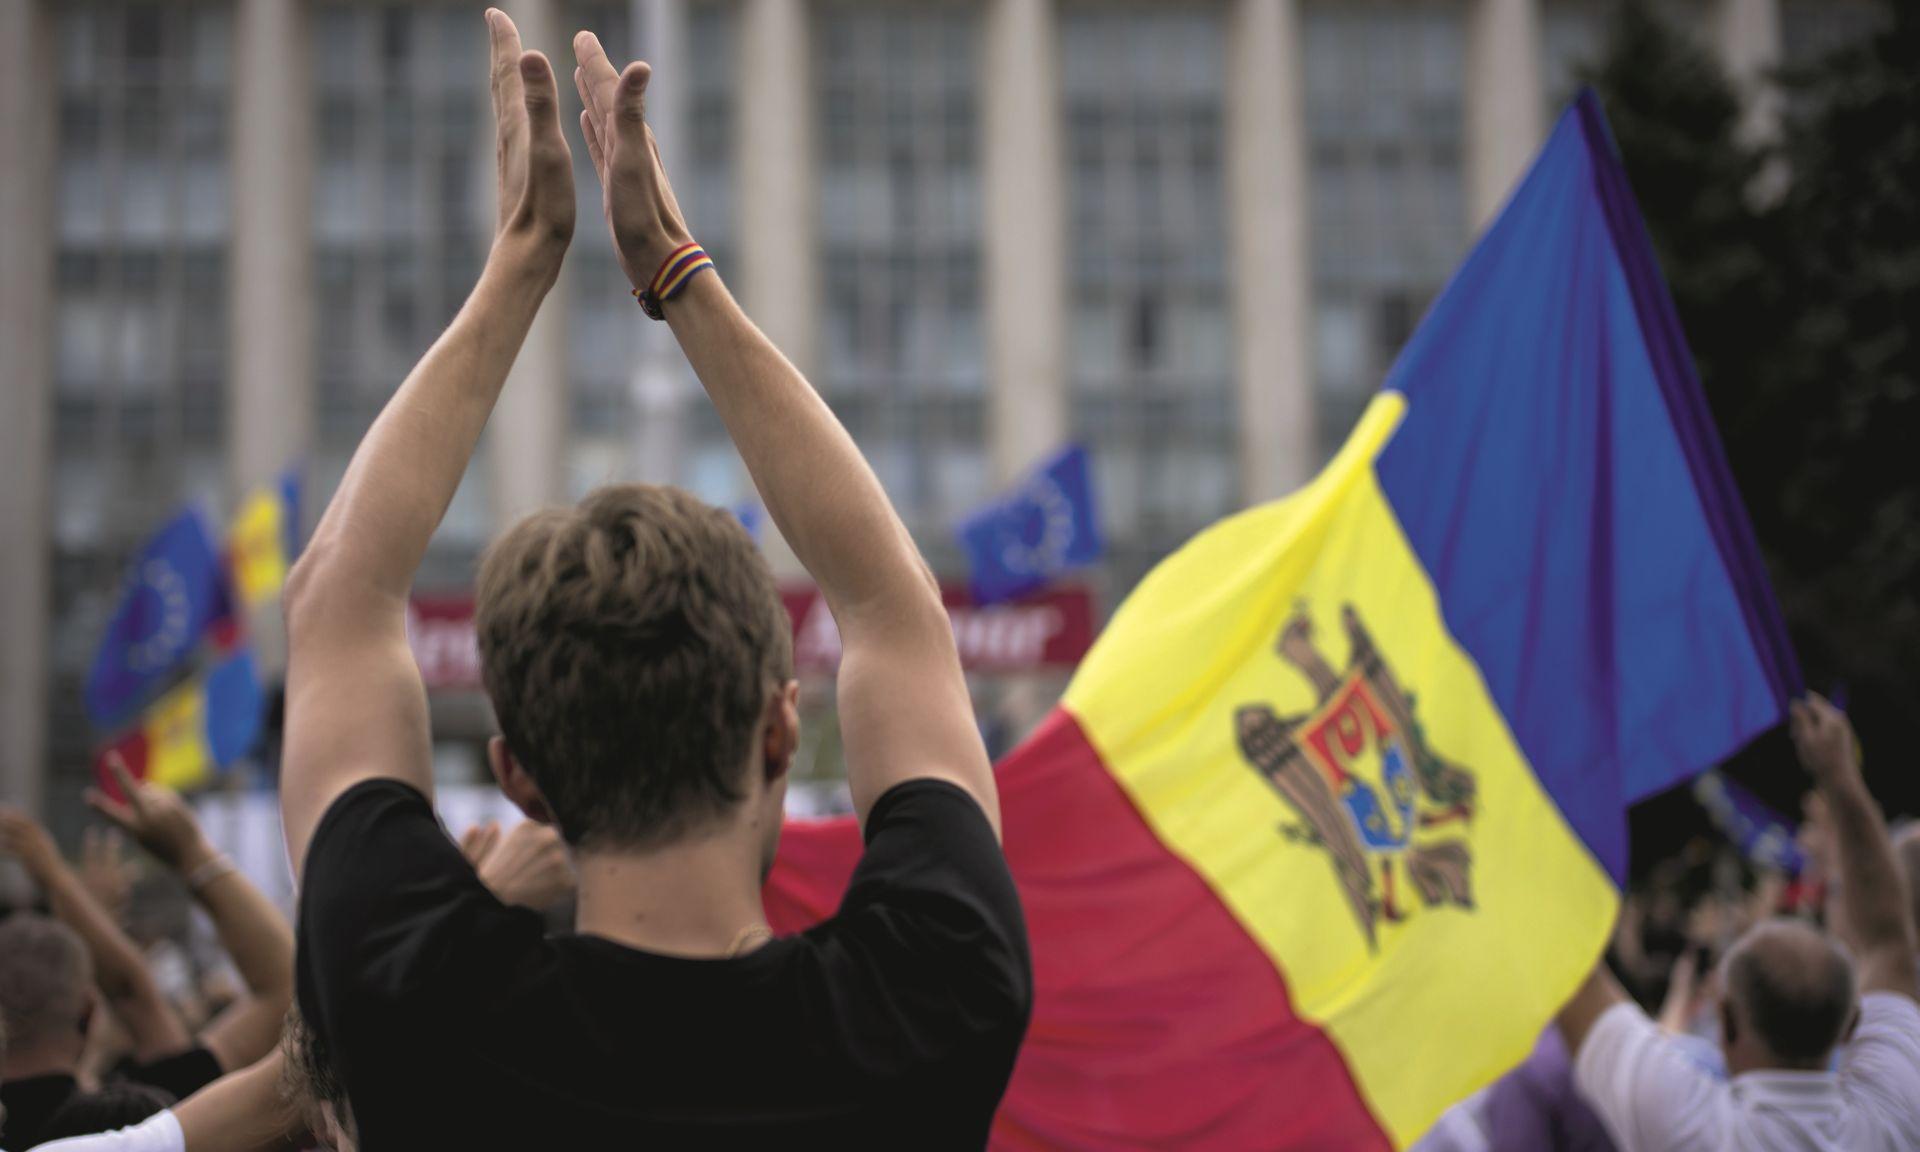 NAJSIROMAŠNIJA EUROPSKA DRŽAVA NALAZI SE U RALJAMA KORUPCIJE I INTERESA VELIKIH SILA Moldavija novi front između Zapada i Rusije